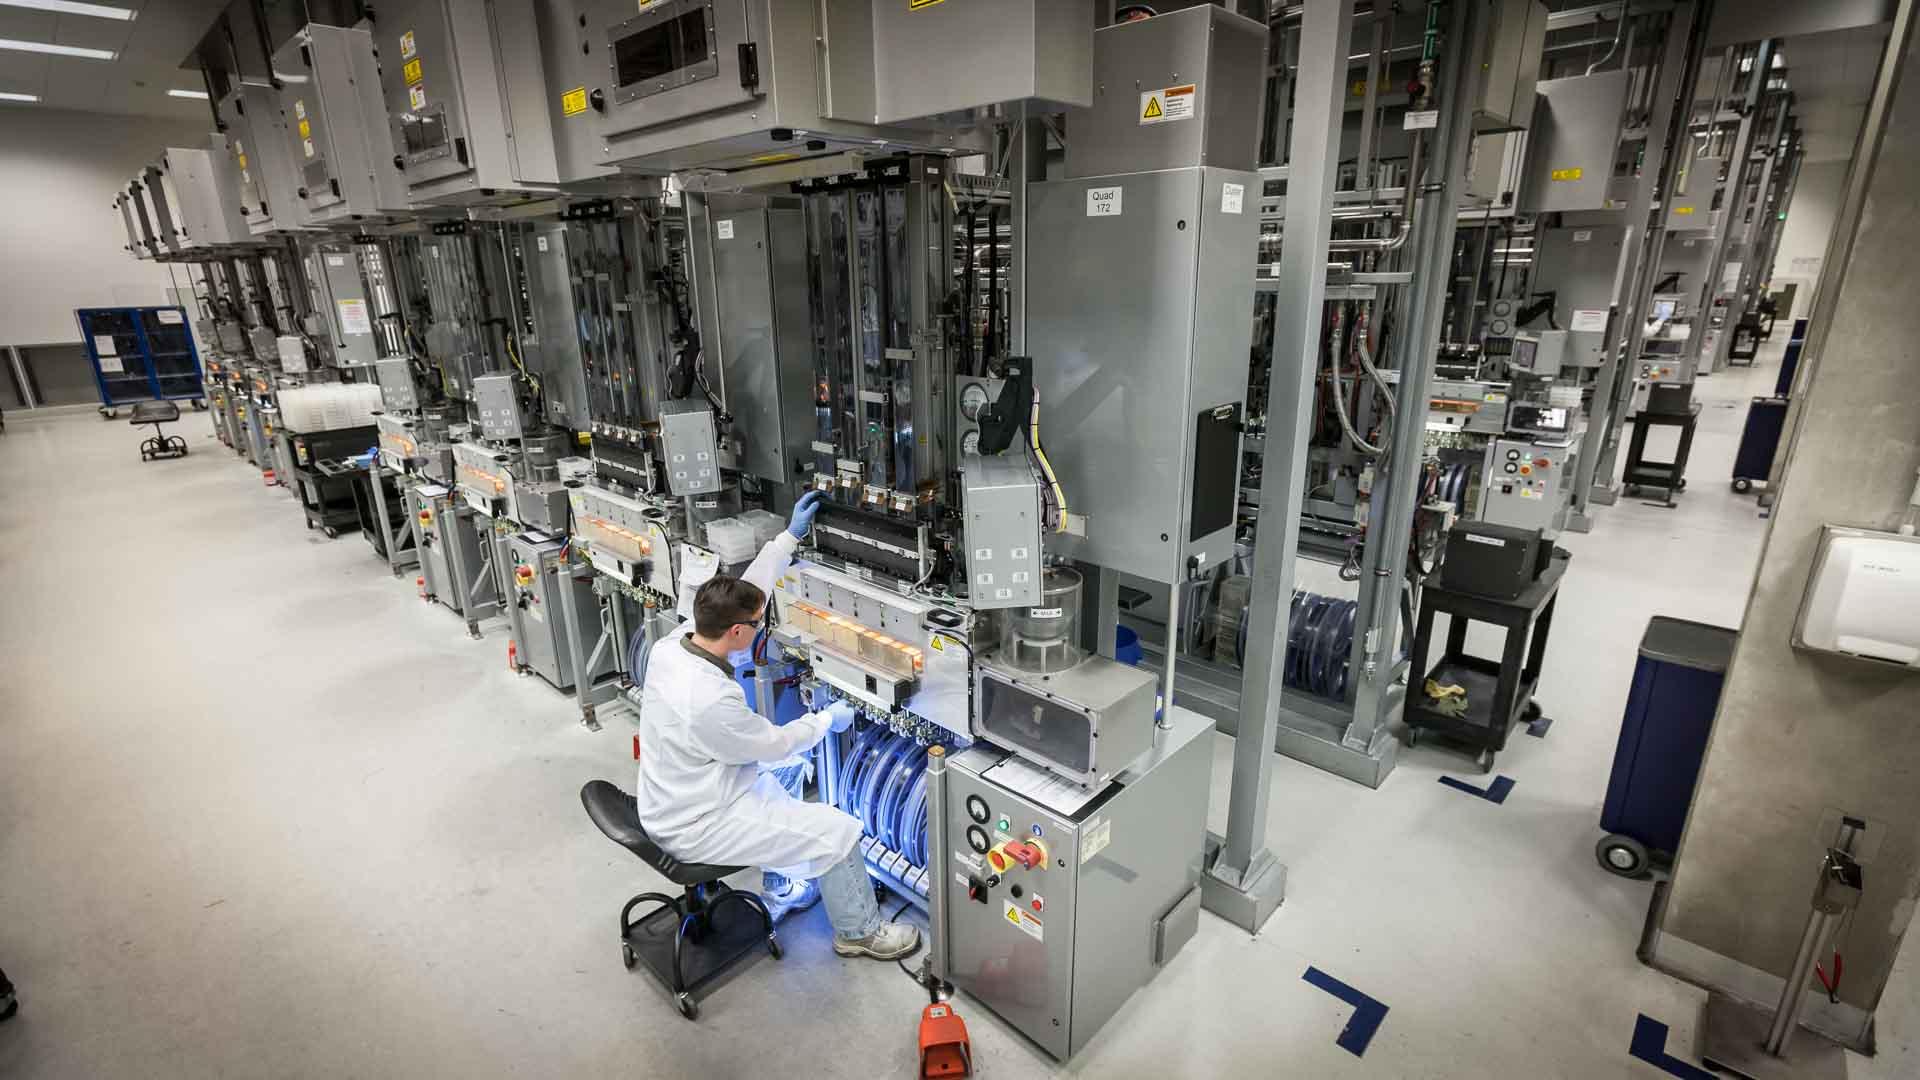 Produktion von Solarzellen bei Sovello. Neue Siliziumoefen, die bei einer Auktion in USA gekauft wurden.